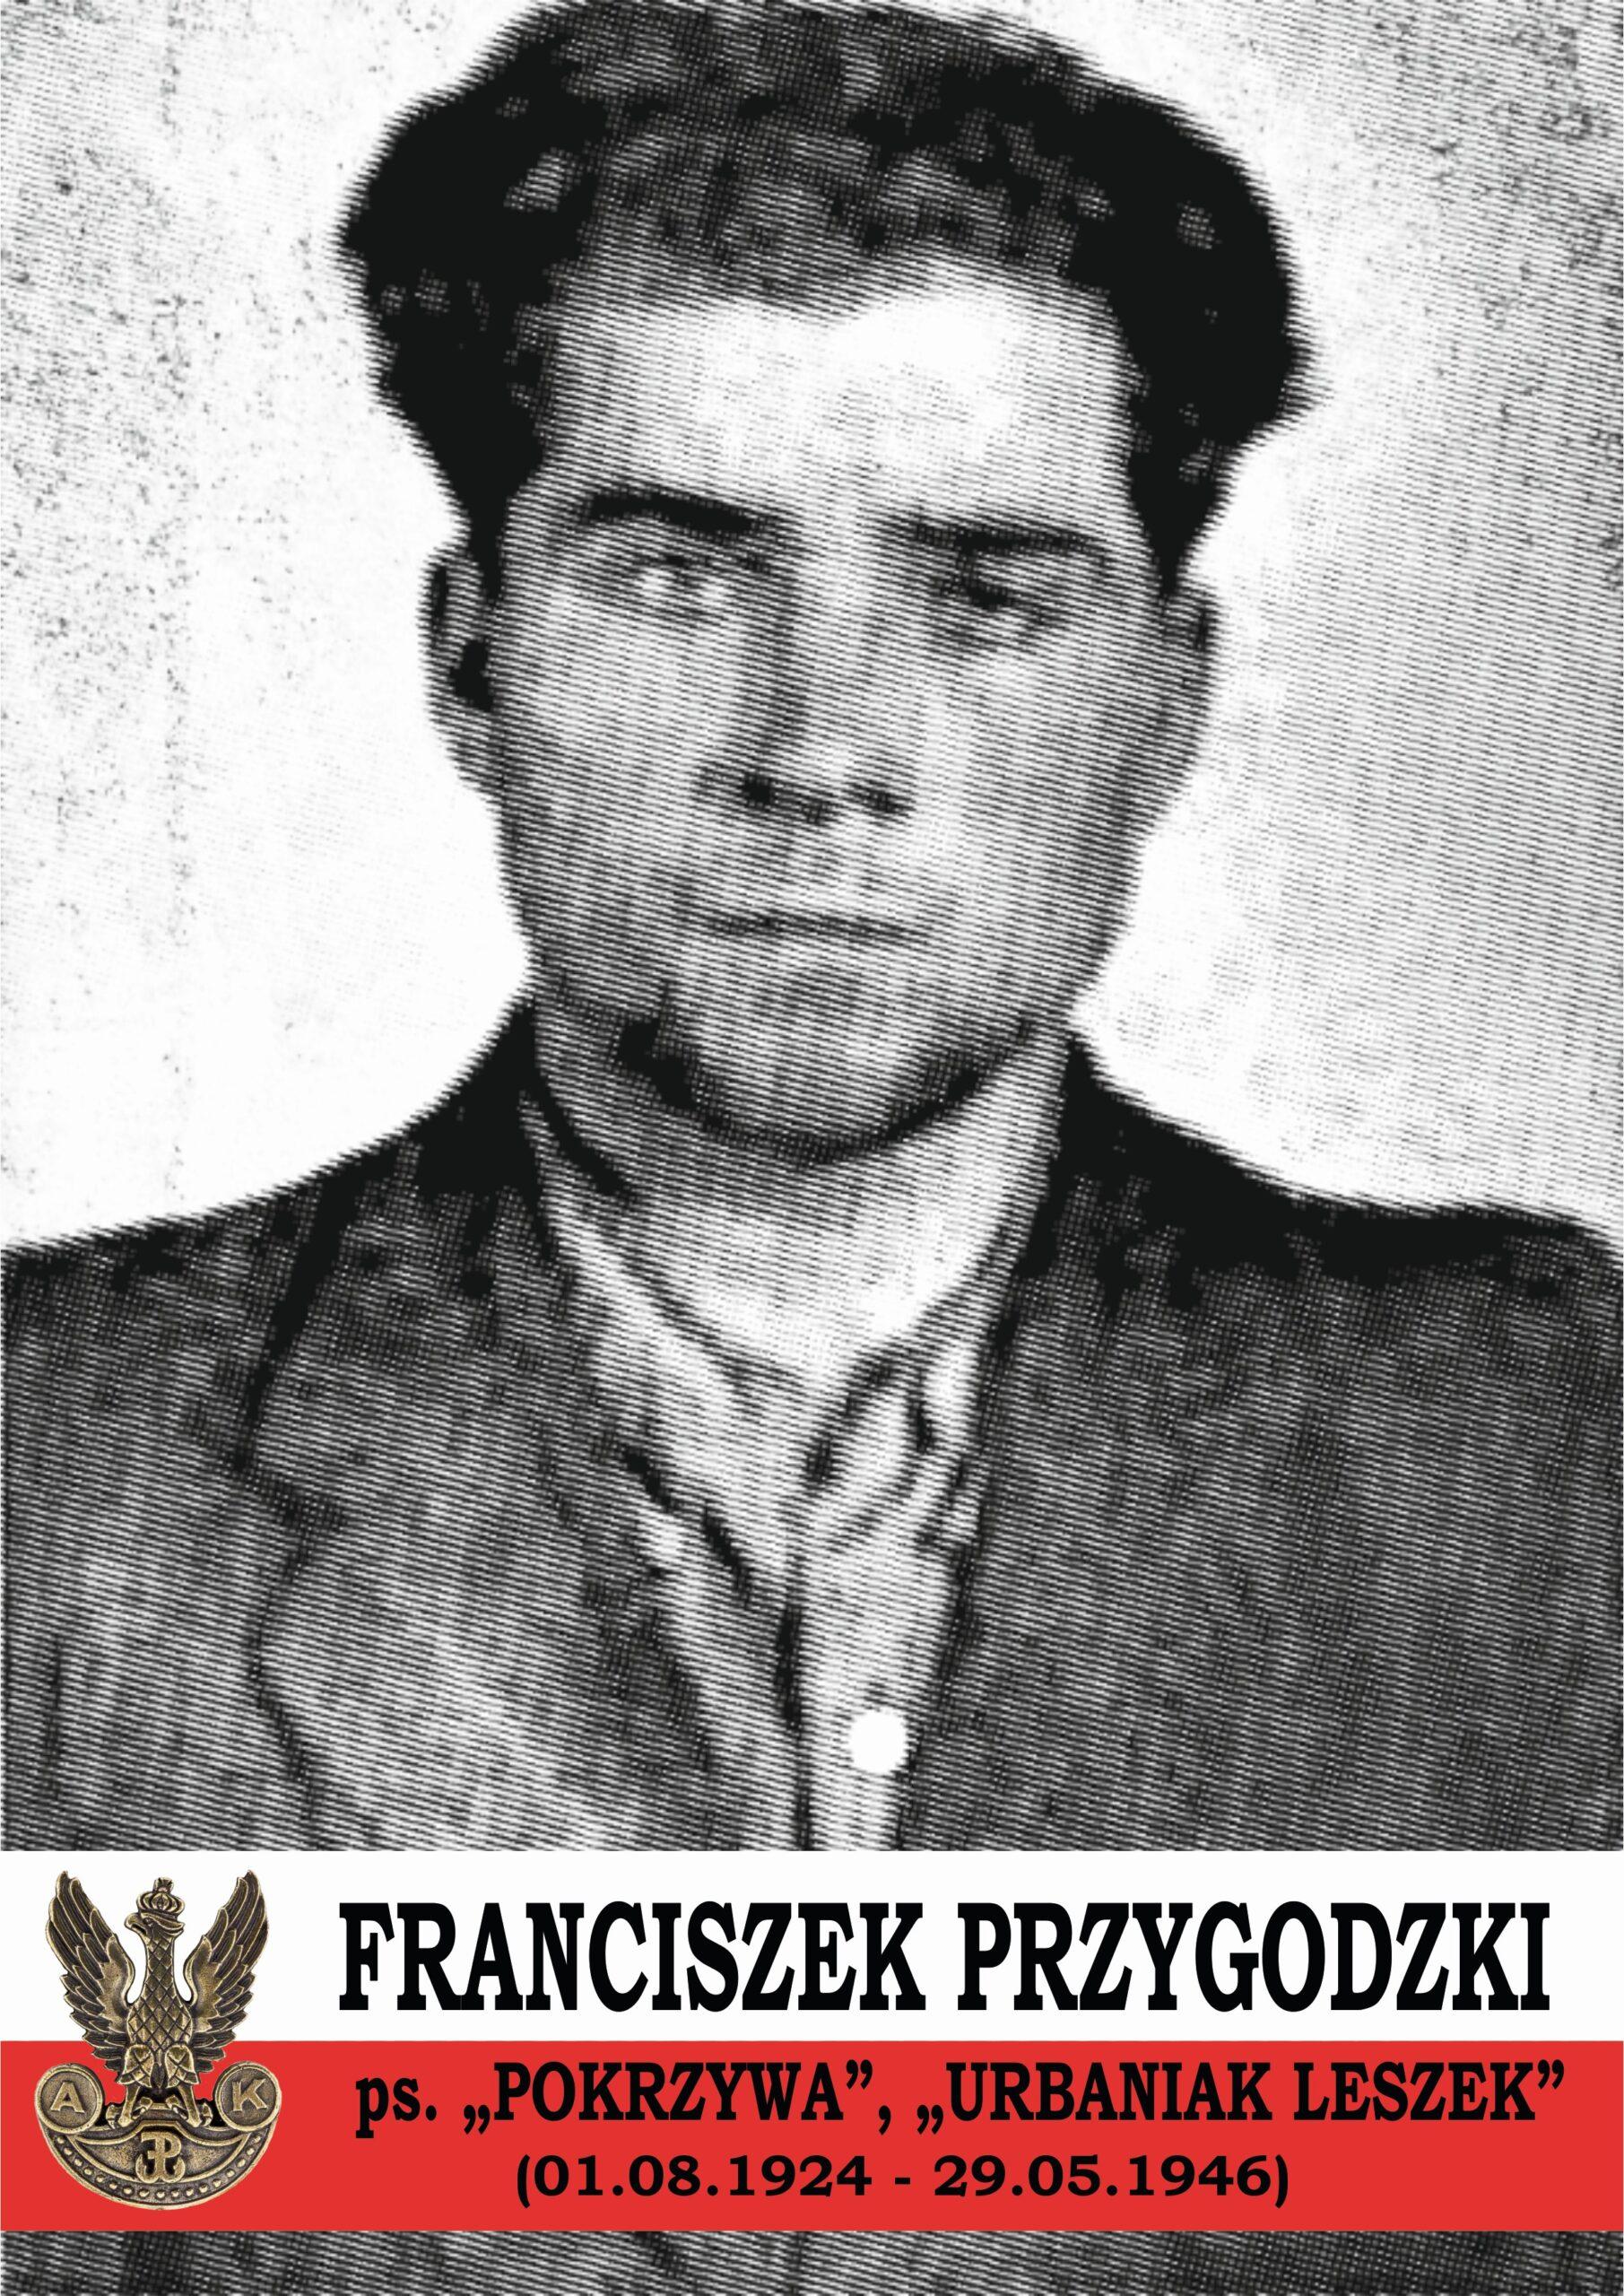 Portret_PrzygodzkI XX